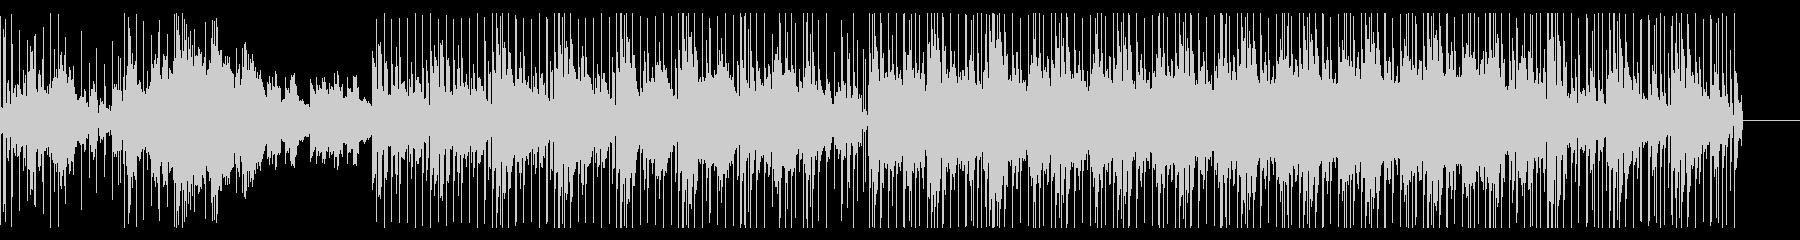 アコースティックギターをフィーチャBGMの未再生の波形